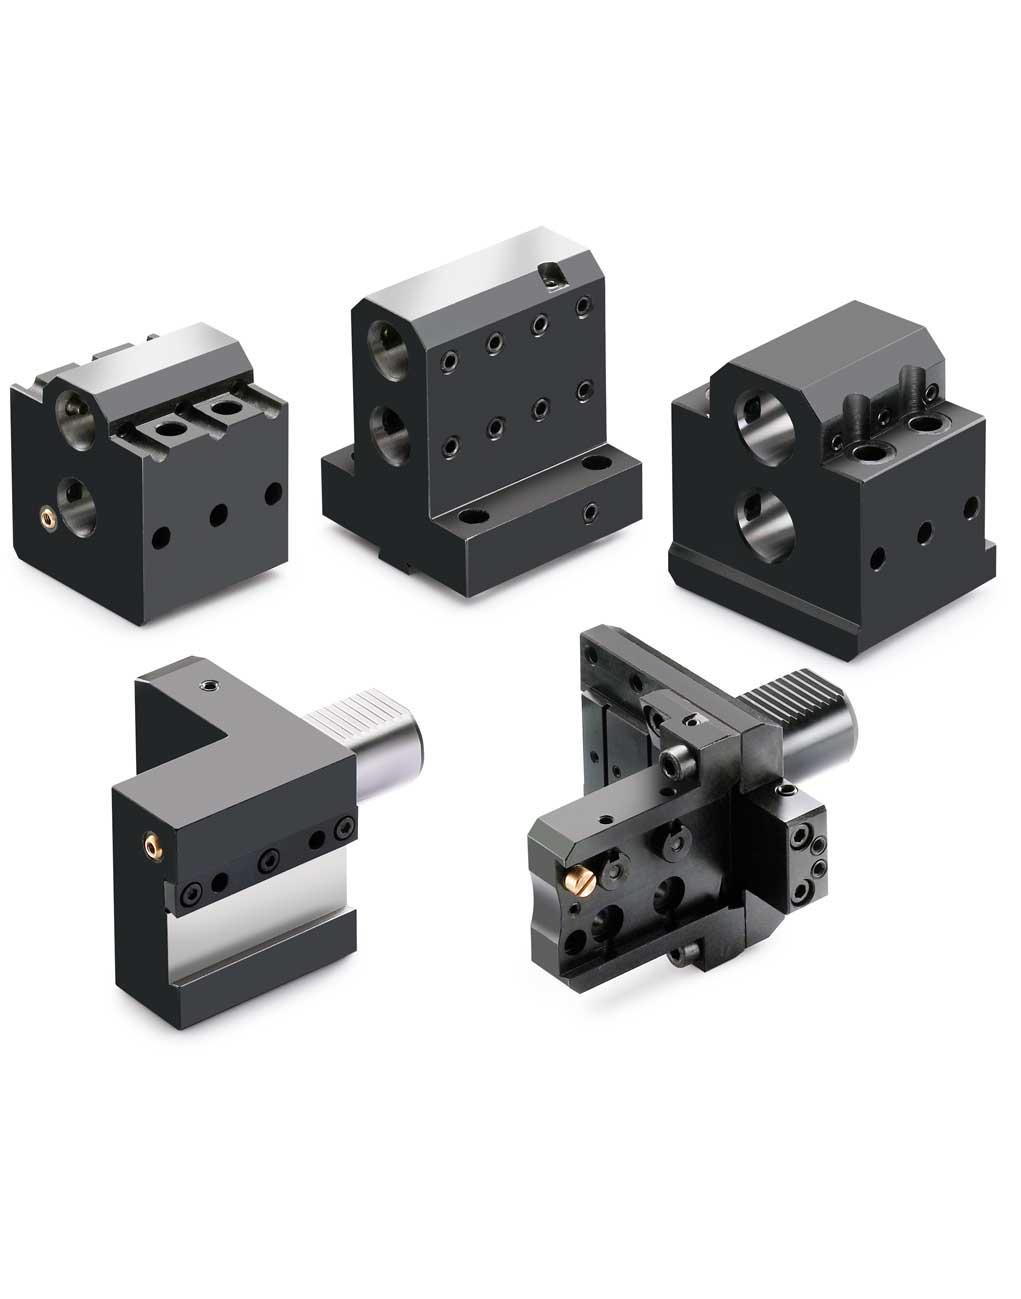 werkzeughalter-VDI-speciali Werkzeughalter